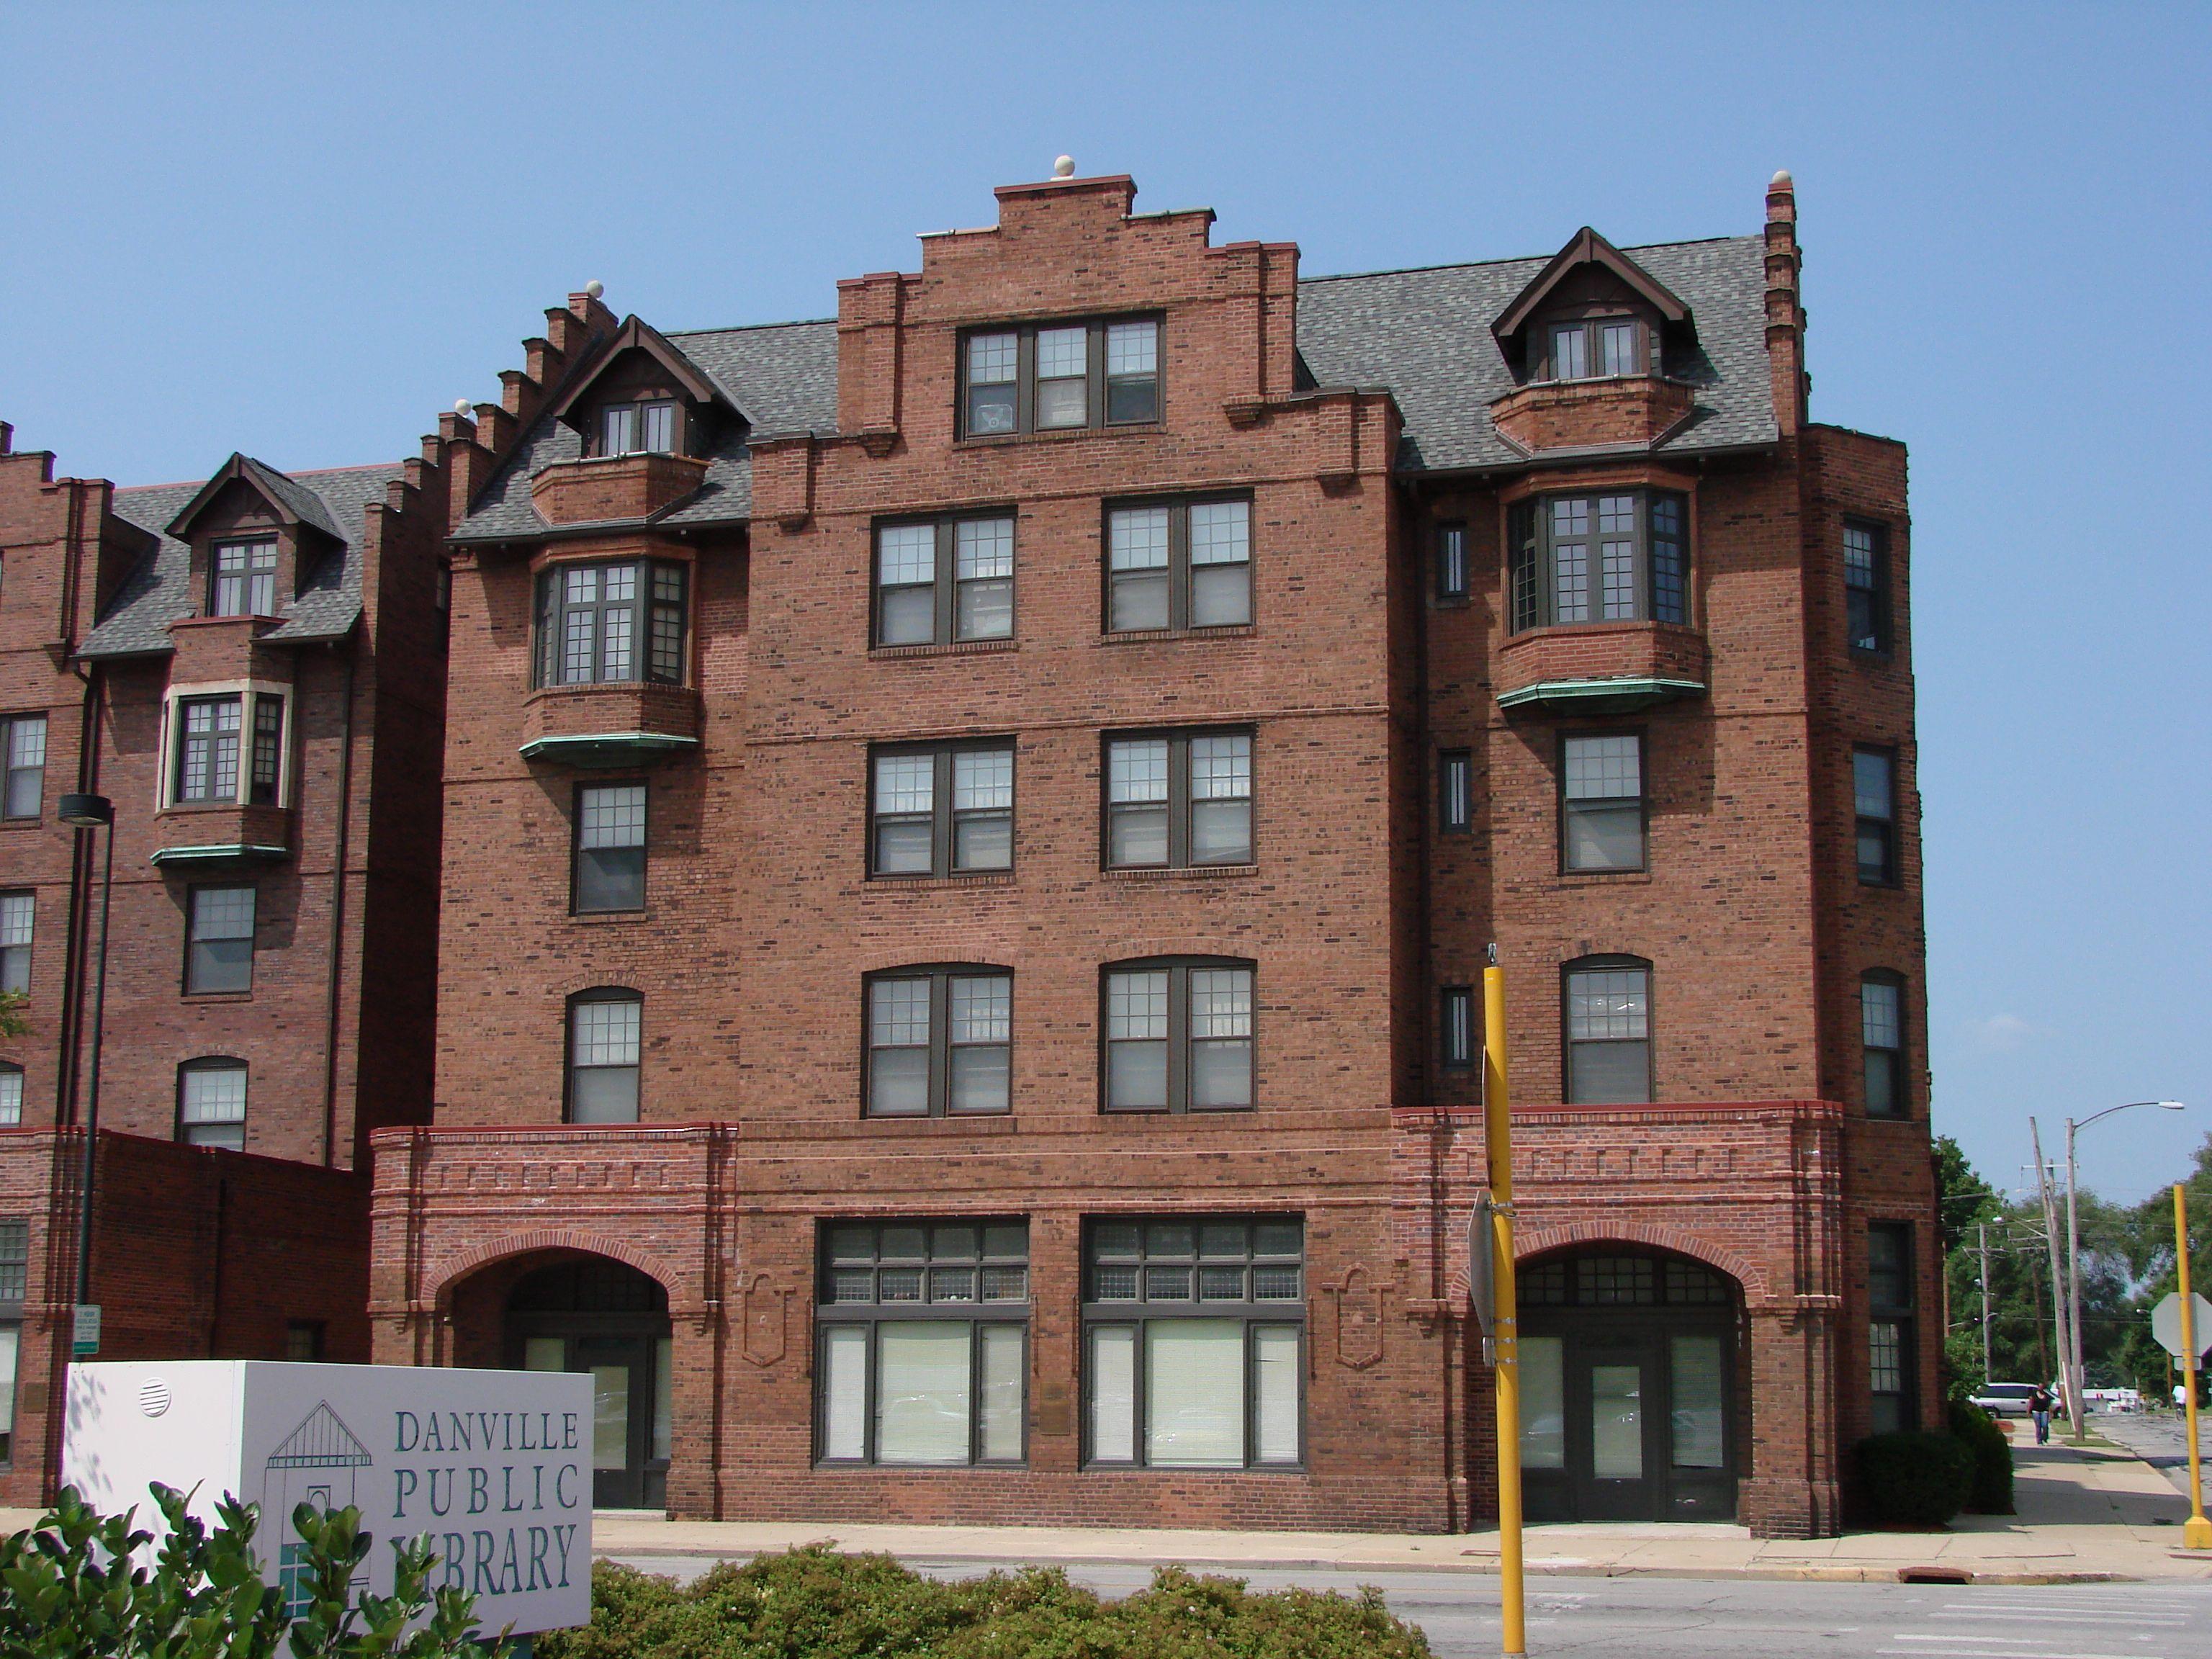 Holland Apartments Danville Illinois Danville Illinois Illinois Places